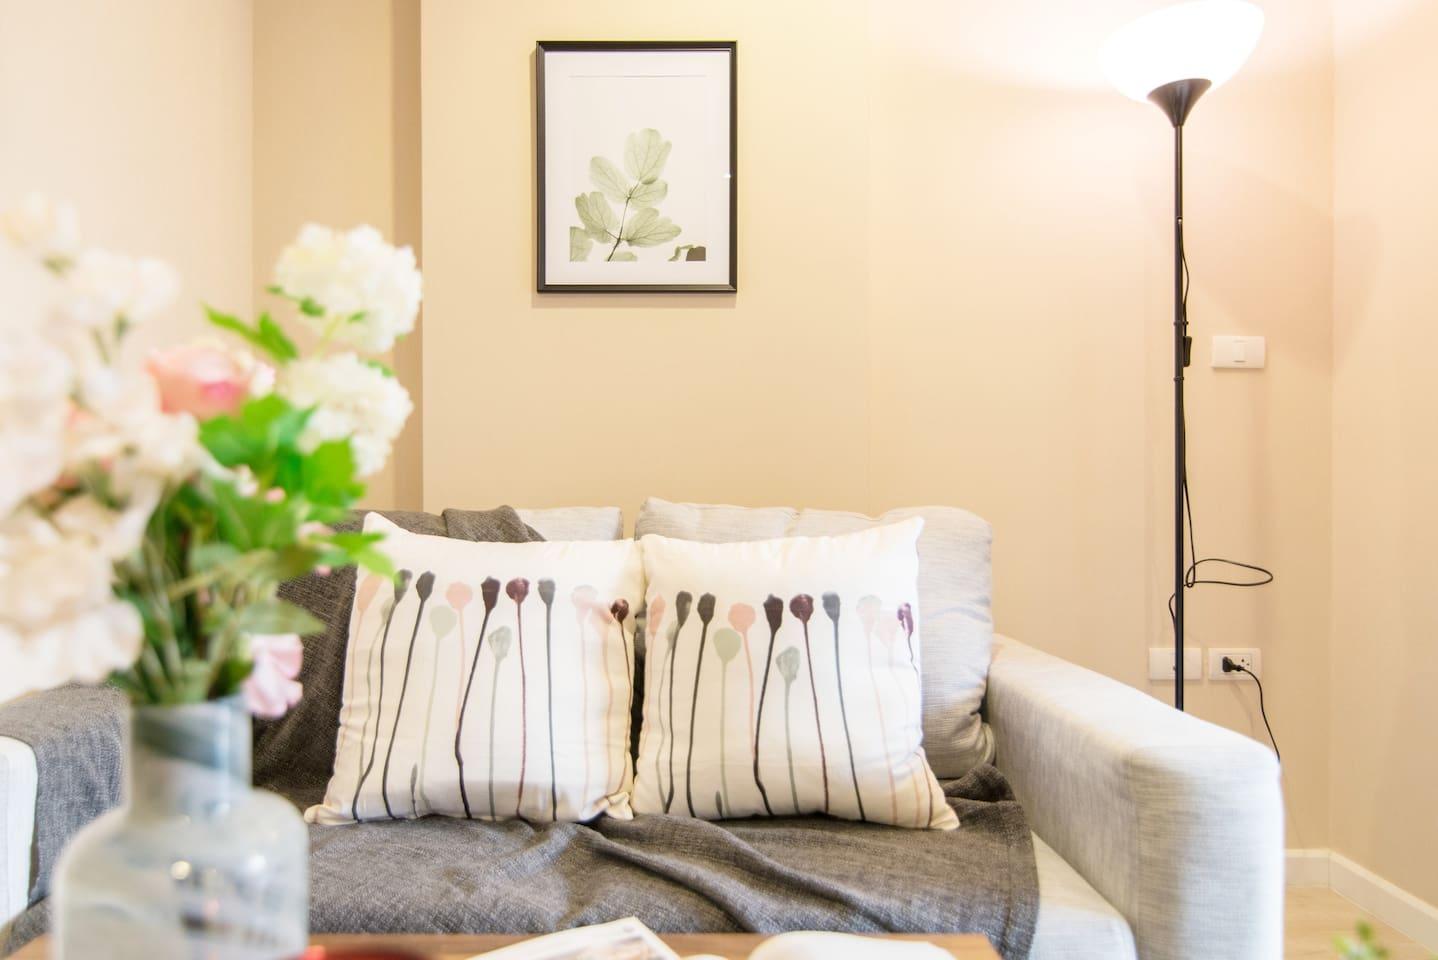 Soft sofa 舒适沙发